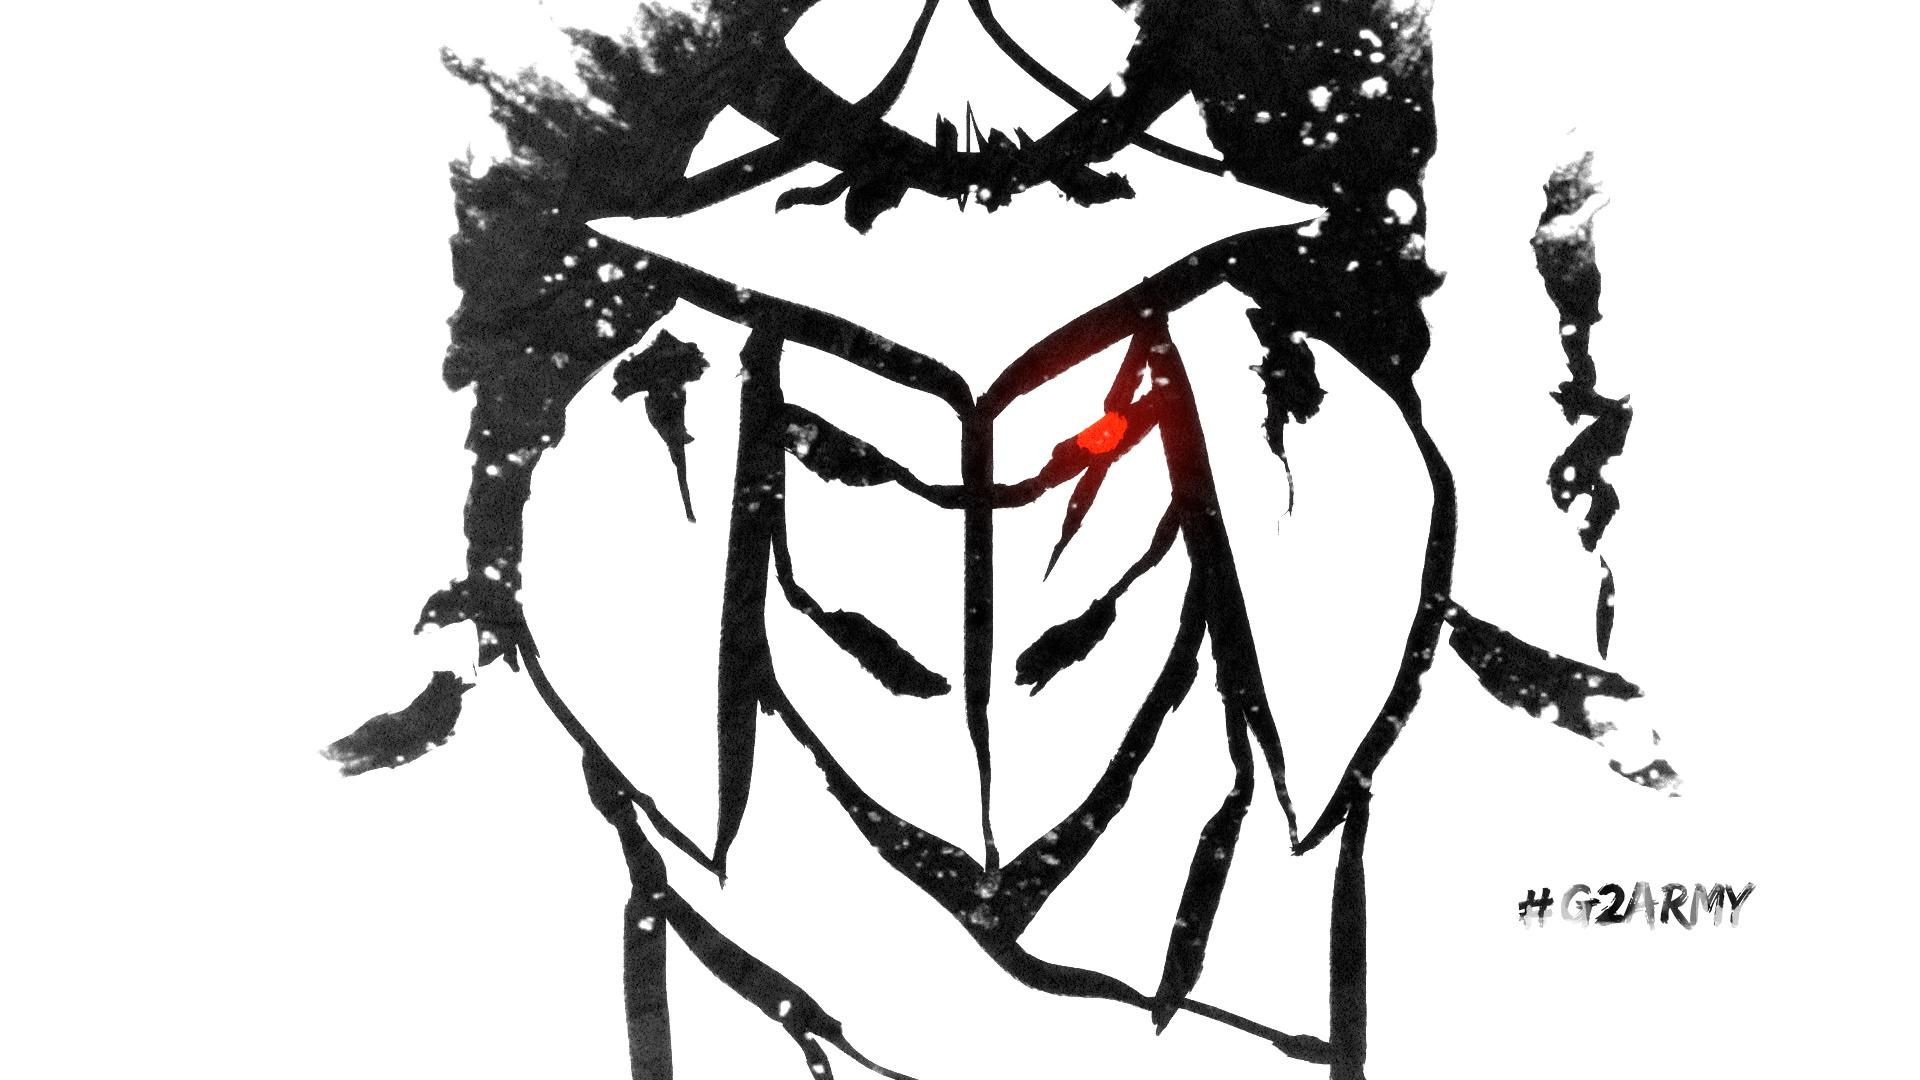 Artwork del logo de G2, publicado en la web de G2 Esports